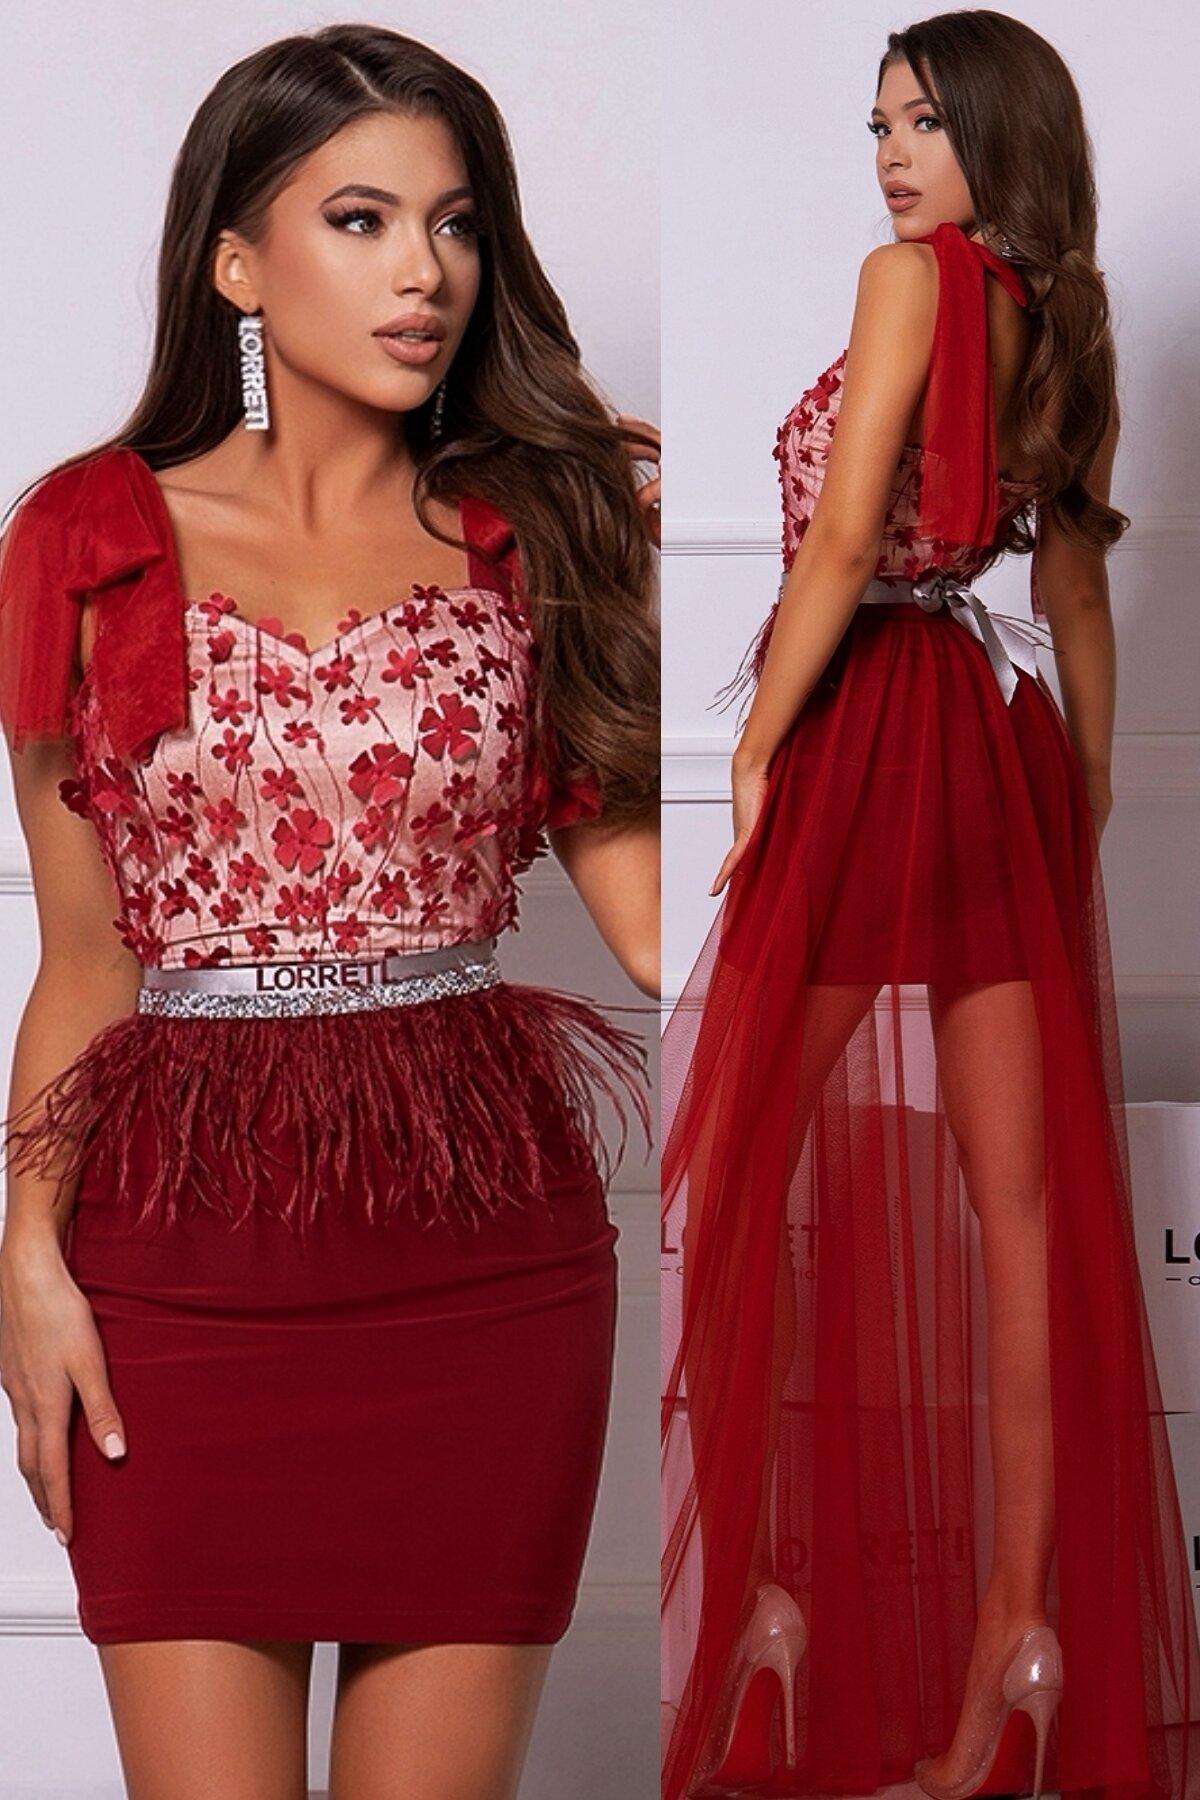 Официална дълга рокля цвят бордо дантелена lorreti лора лилова